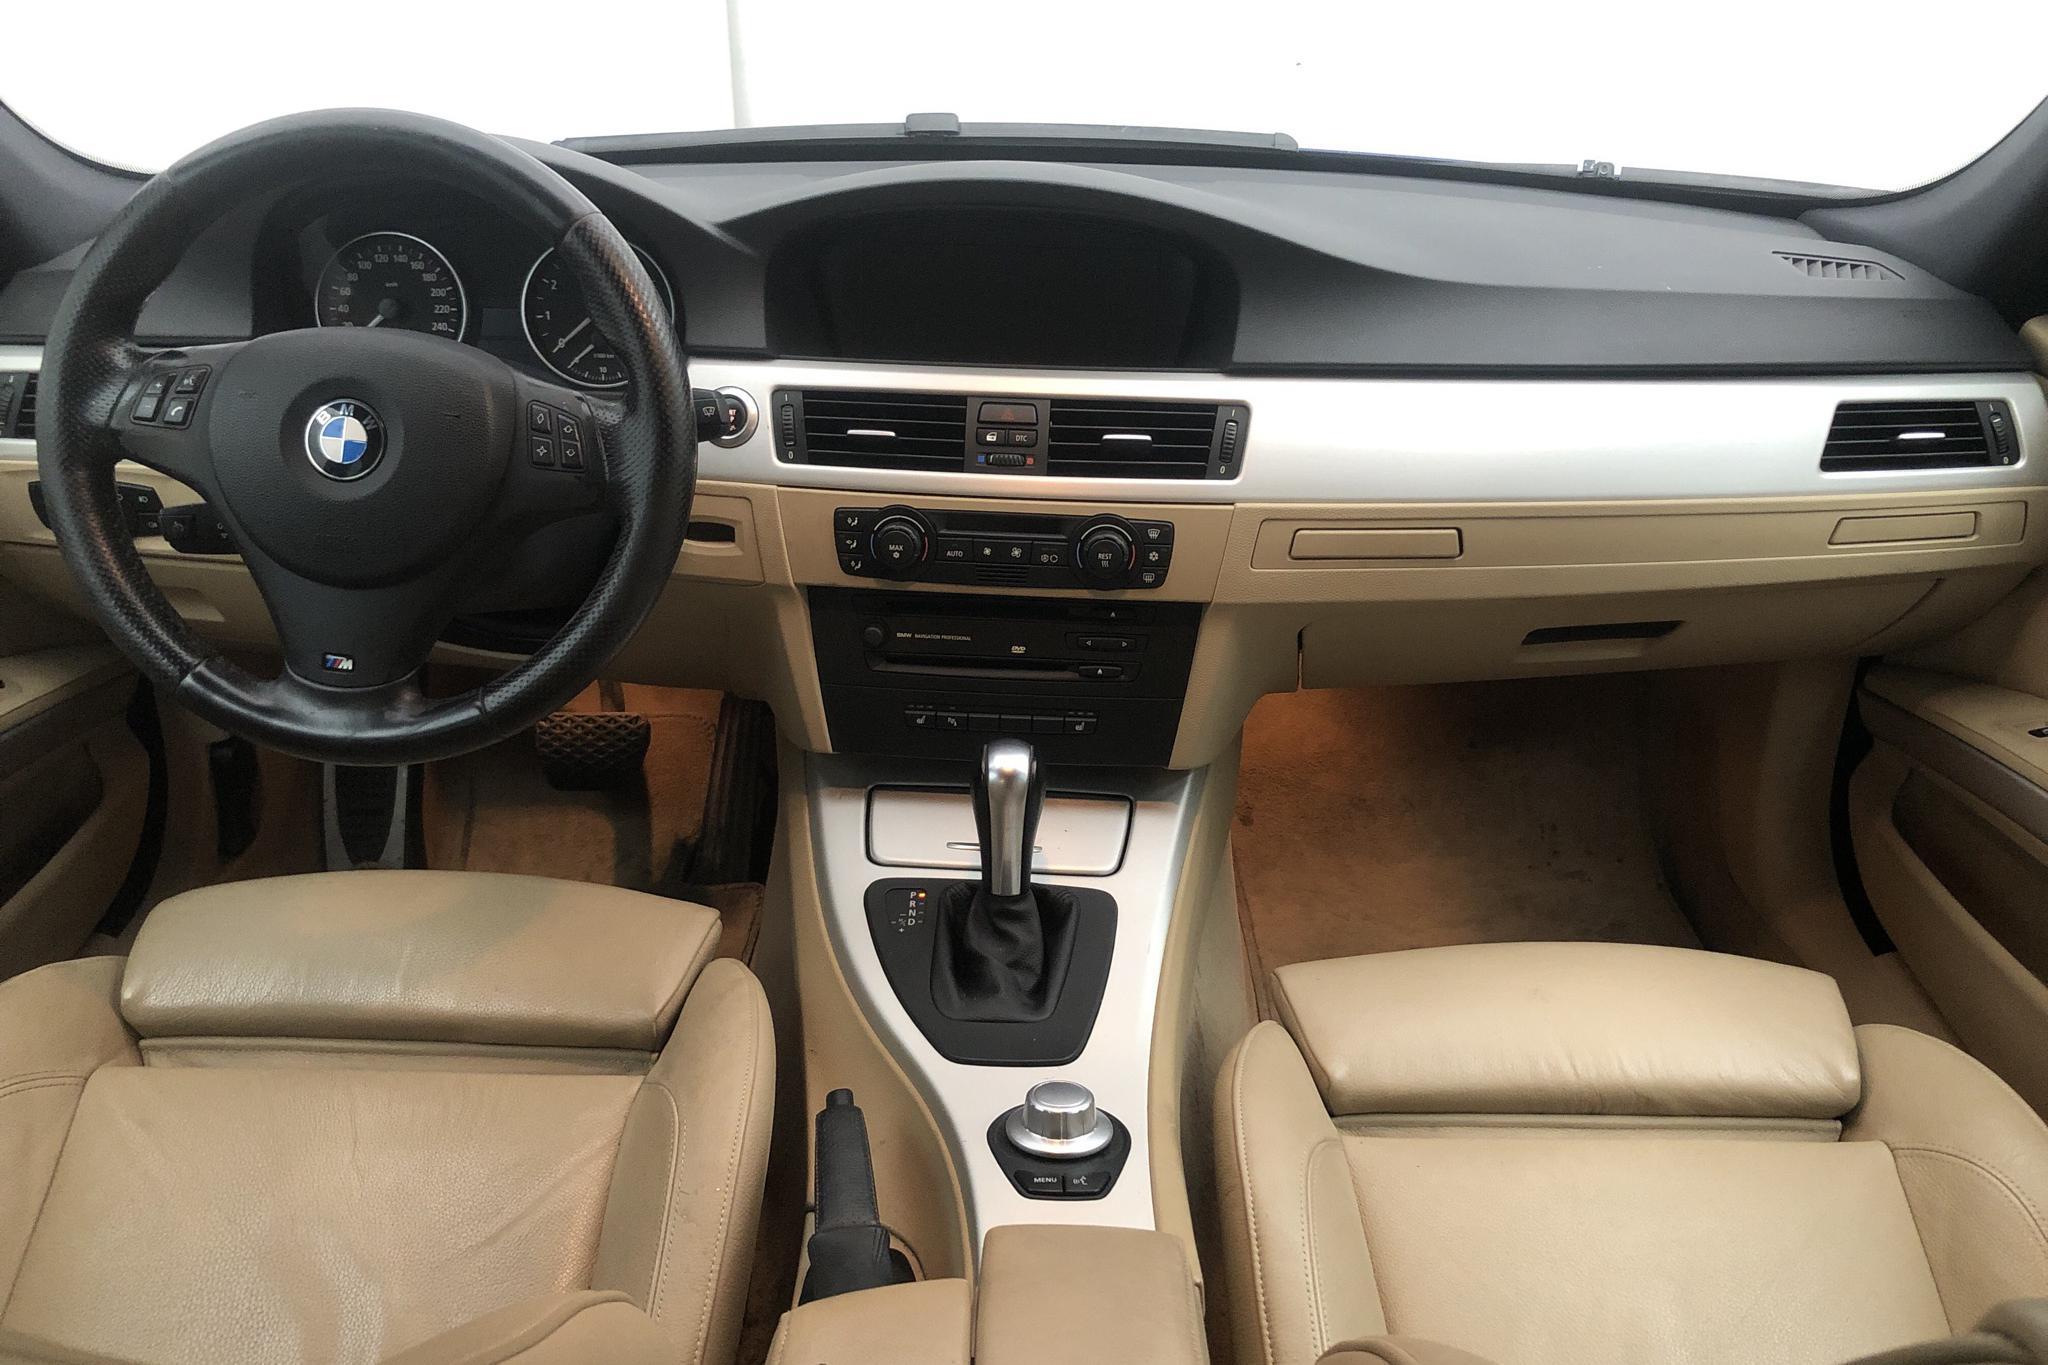 BMW 325i Touring, E91 (218hk) - 13 769 mil - Automat - blå - 2006